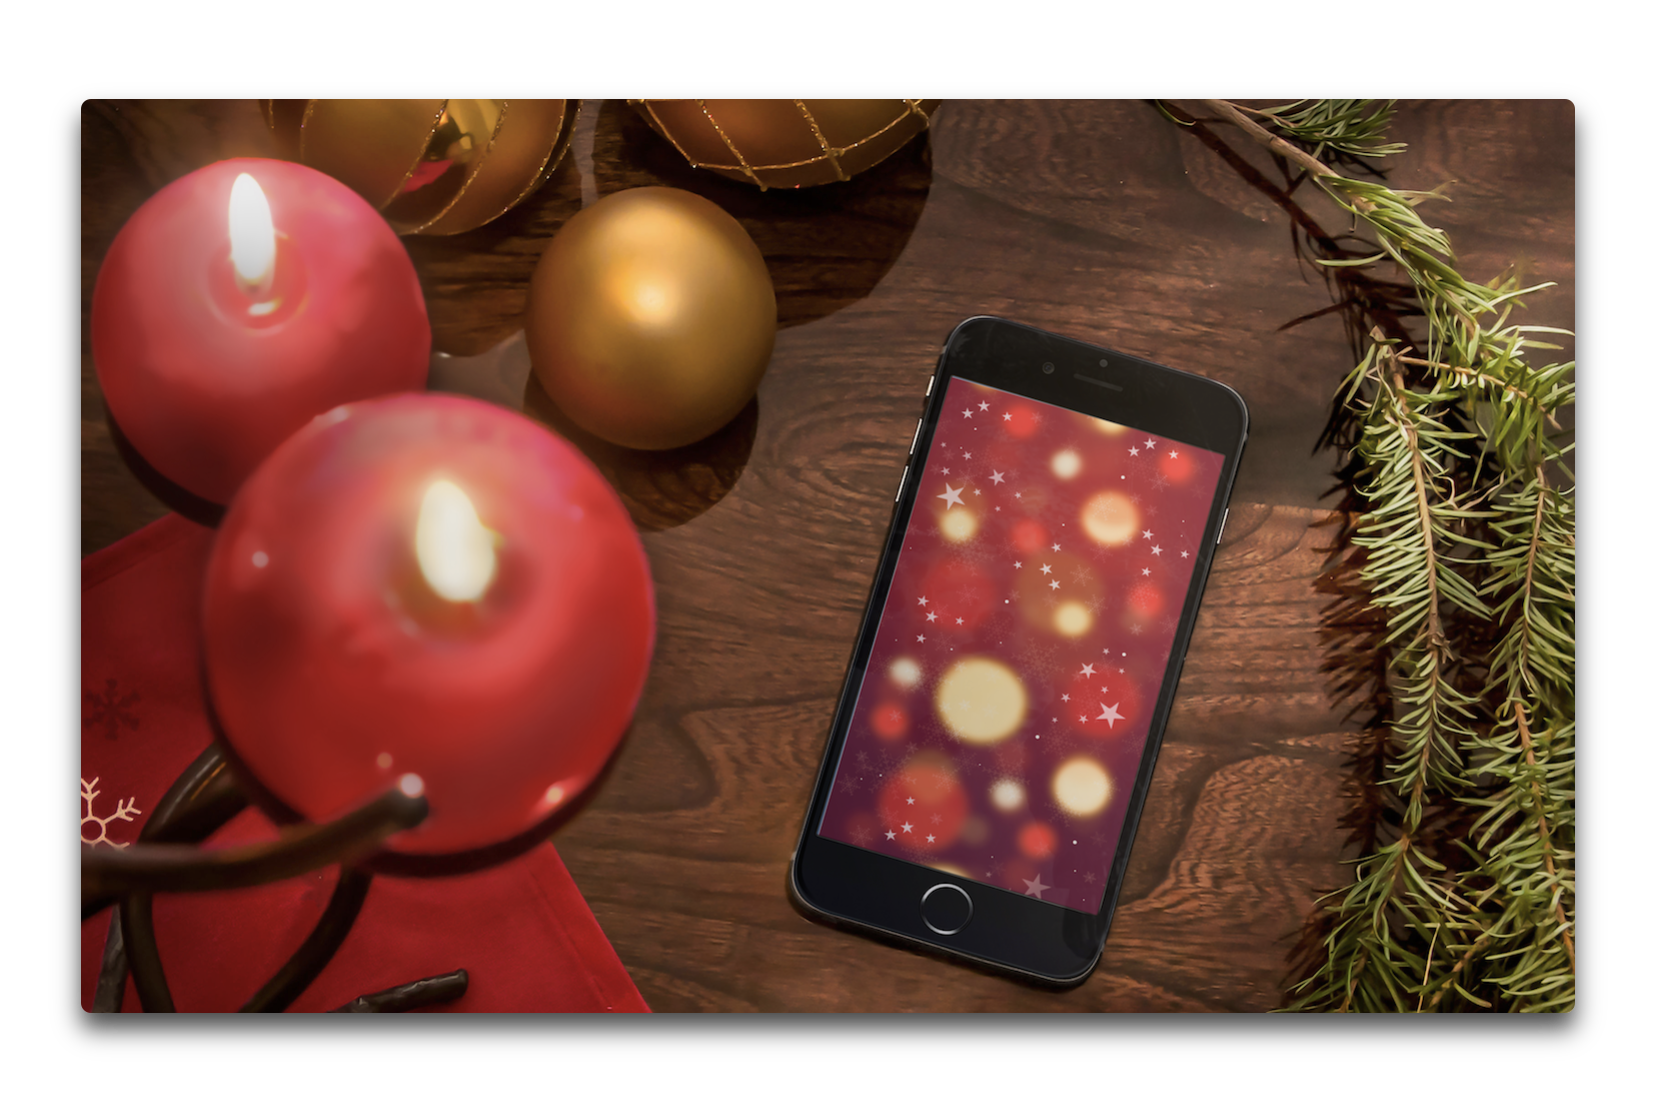 iPhone用、クリスマスと雪の冬をテーマにした全11点の壁紙が公開